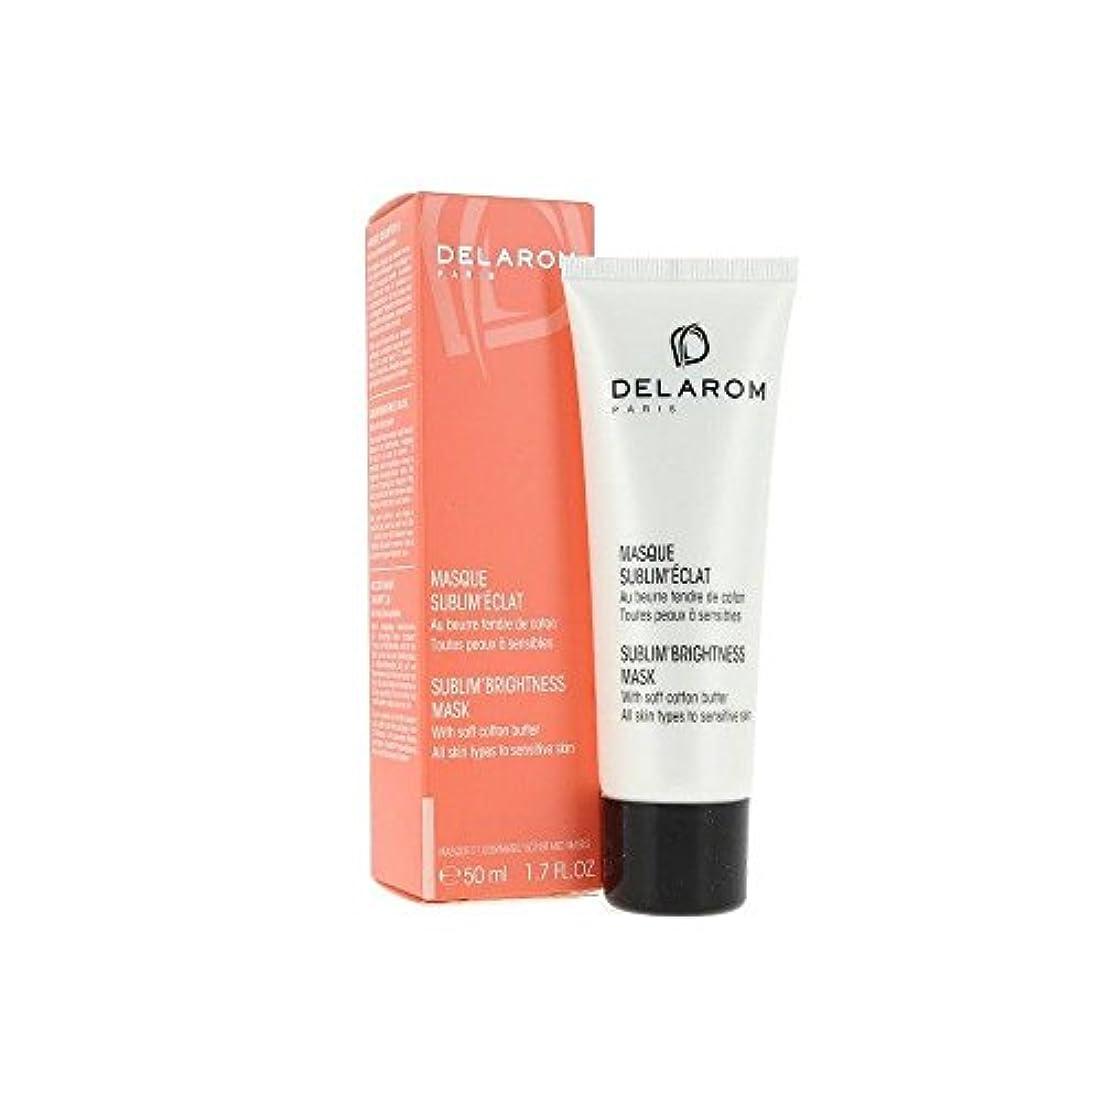 エンティティ早くバンジージャンプDELAROM Sublim' Brightness Mask - For All Skin Types to Sensitive Skin 50ml/1.7oz並行輸入品